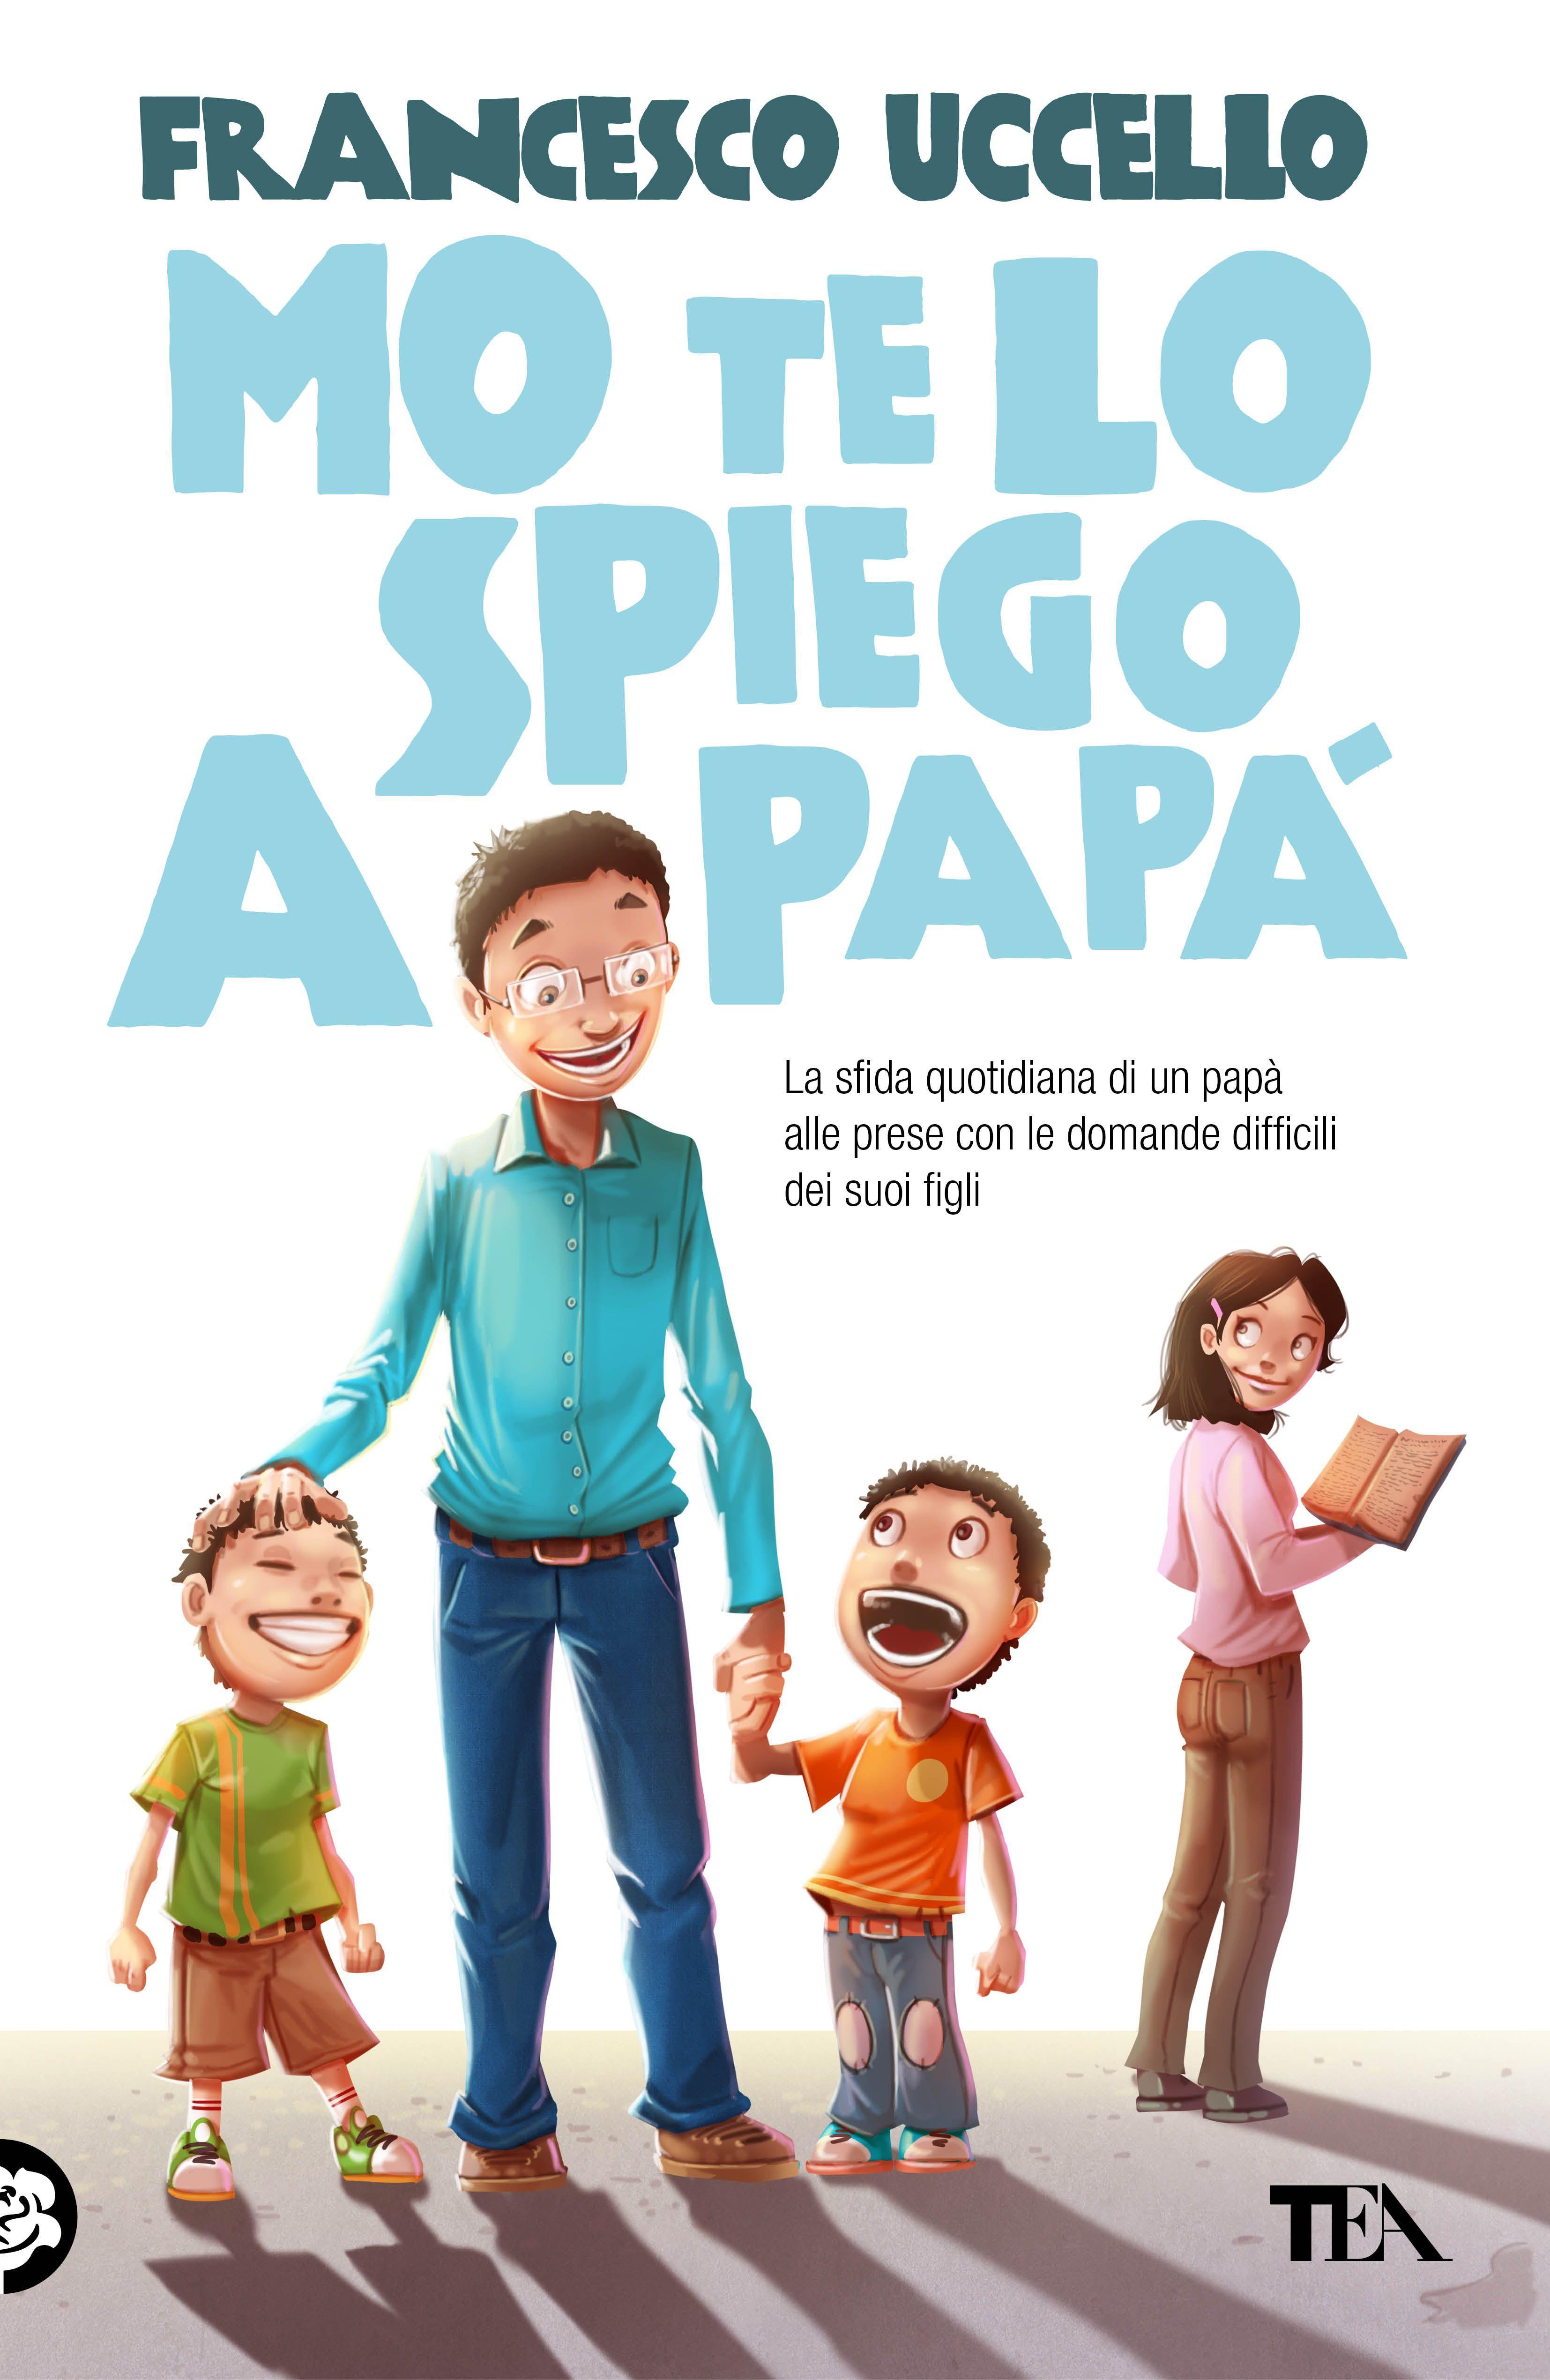 A day around us - Un giorno intorno a noi: Francesco Uccello - Mo te lo spiego a papà: il lib...